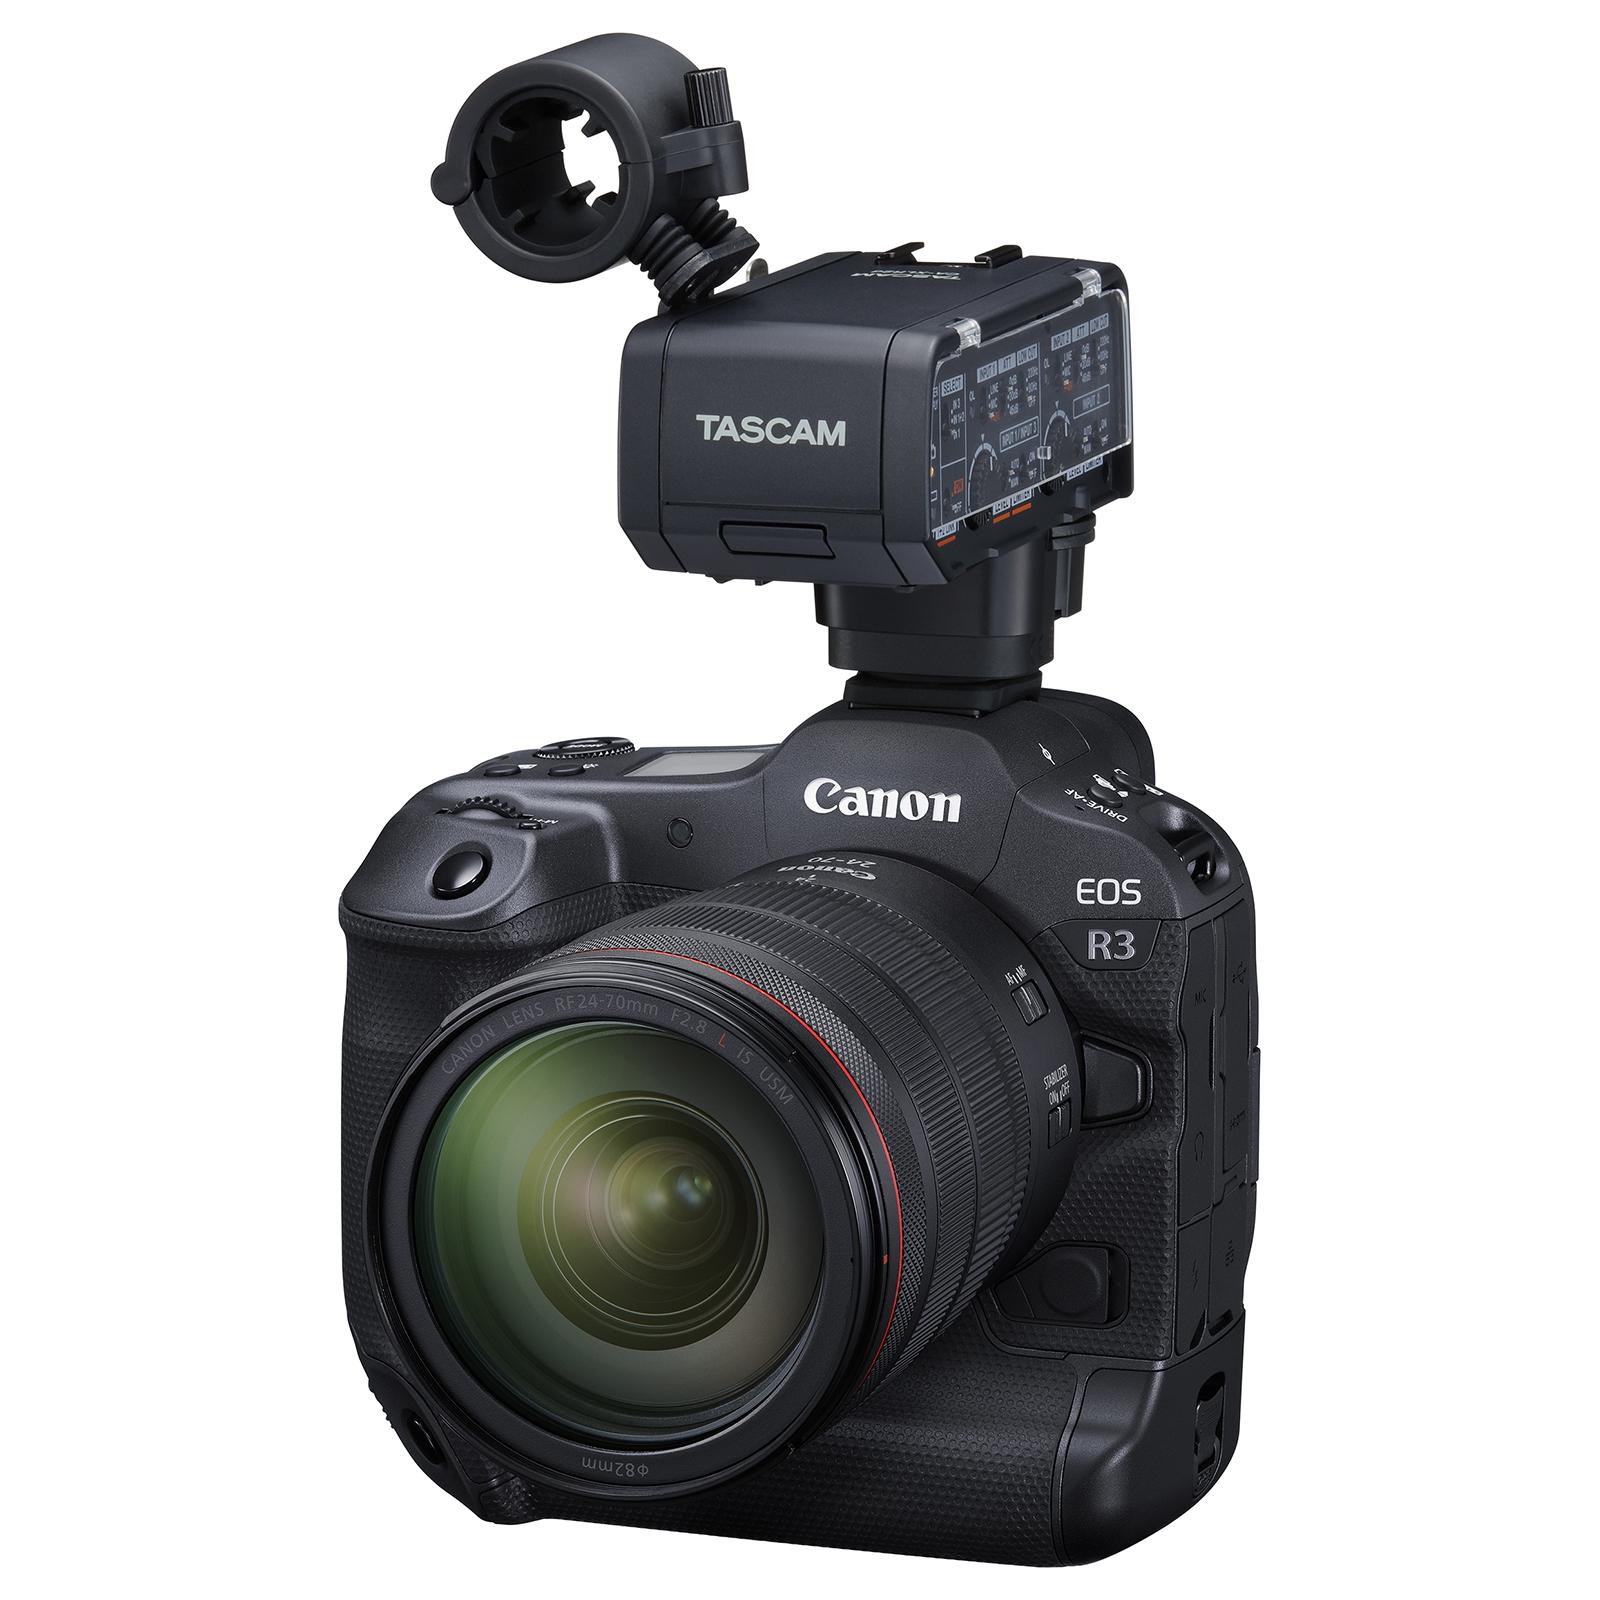 Tascam XLR-Adapter für Kamera